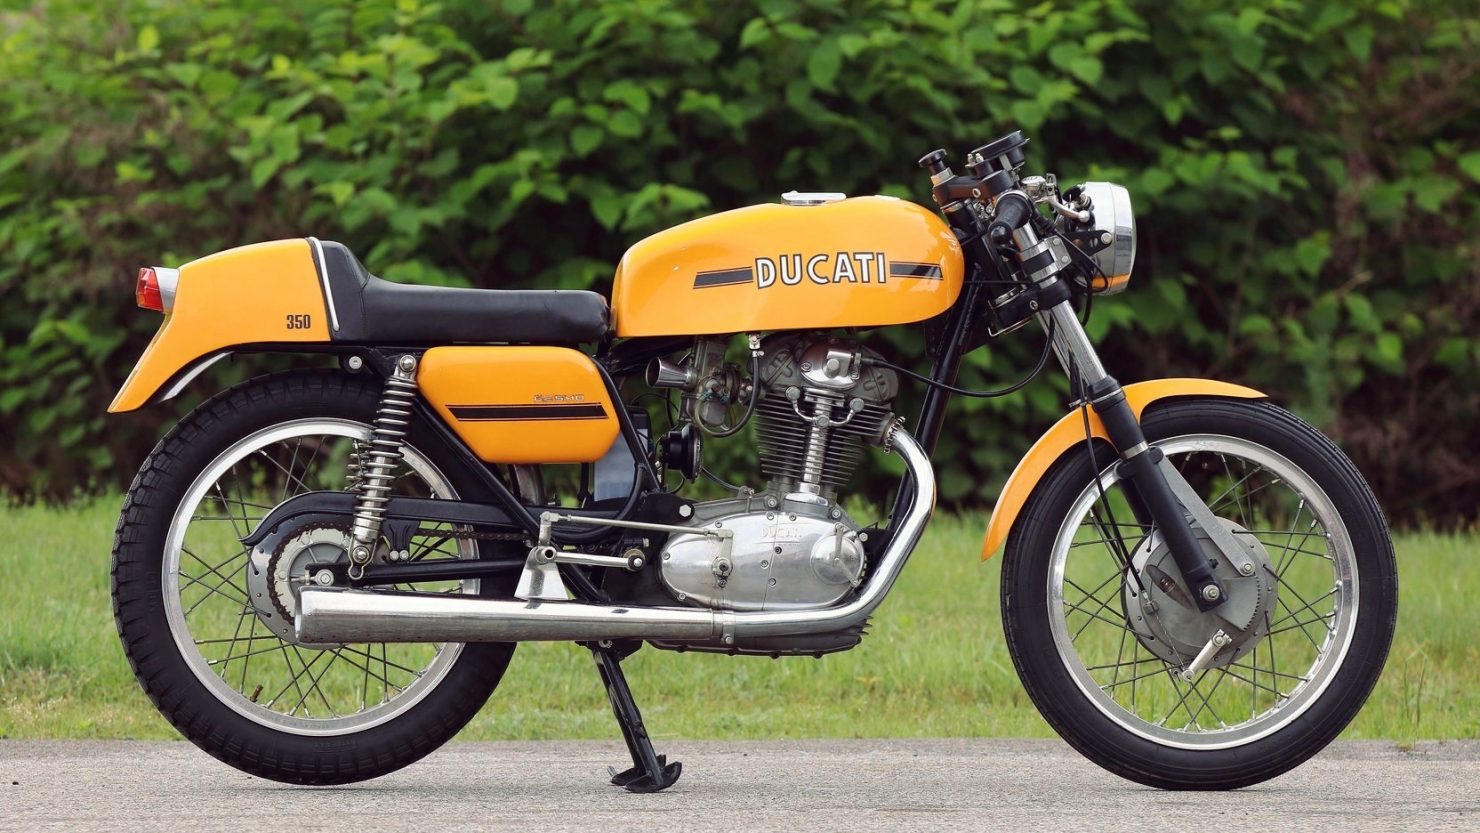 Ducati 350 Desmo 1480x833 - 1970 Ducati Desmo 350